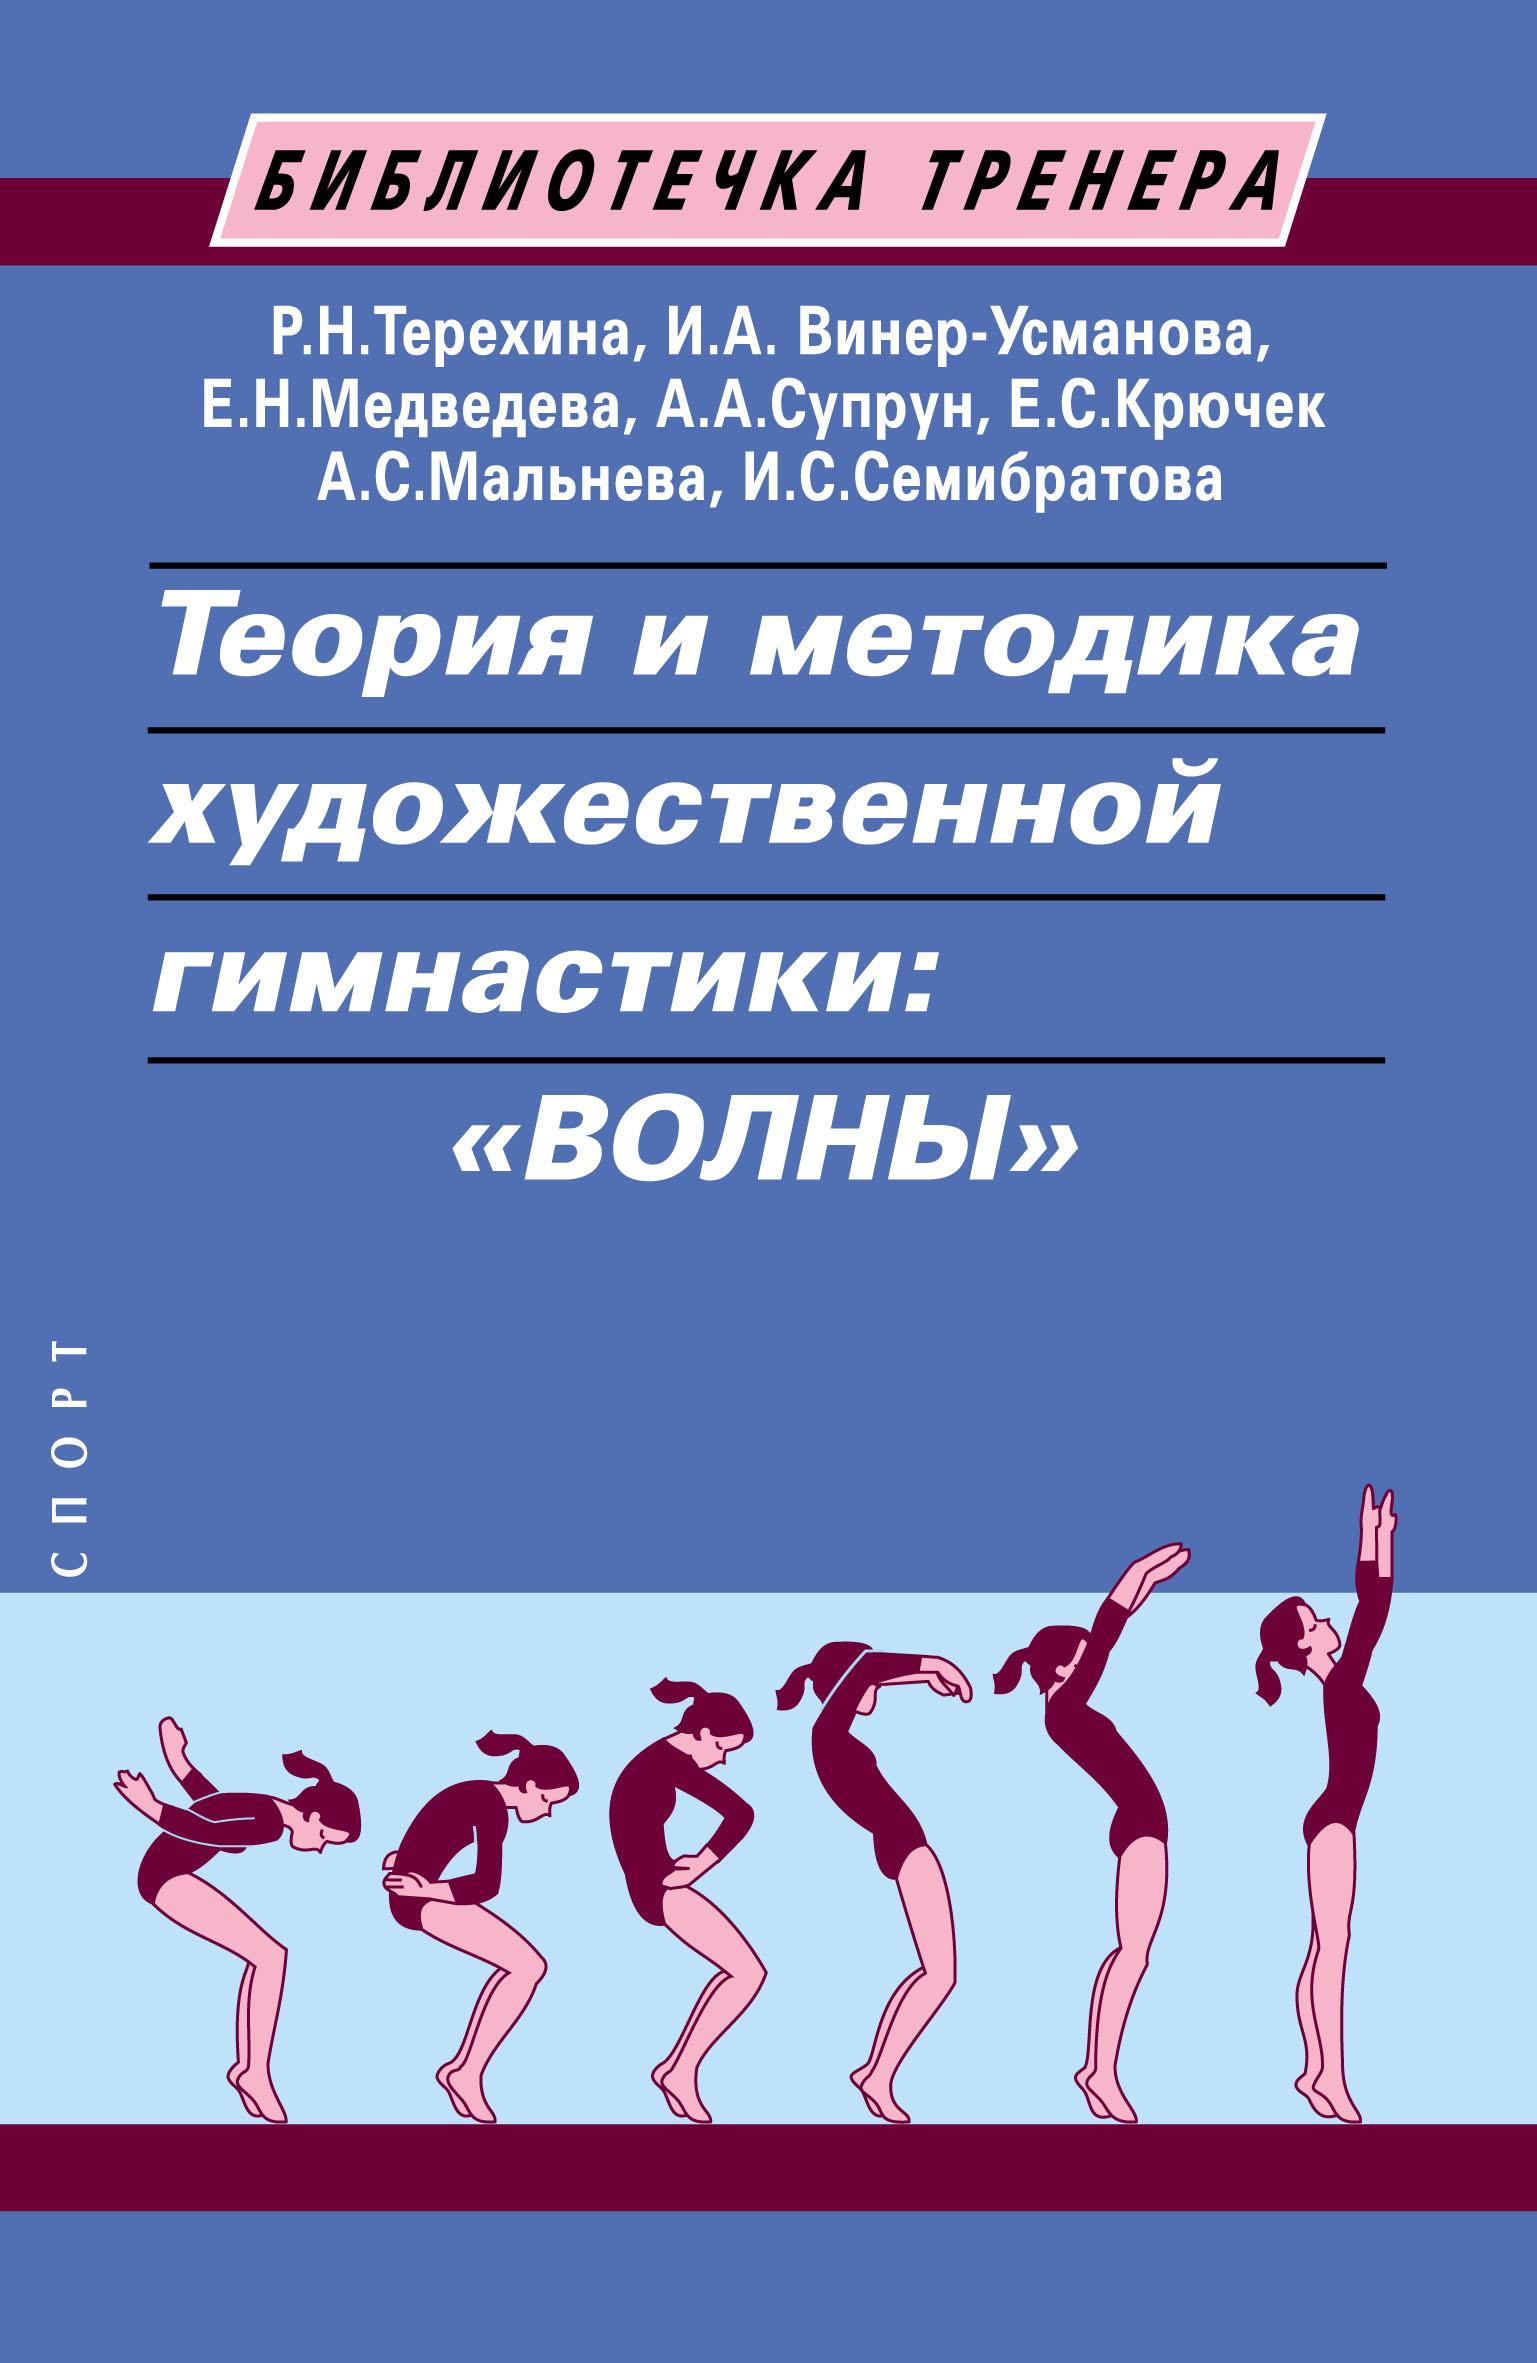 Е. С. Крючек Теория и методика художественной гимнастики: «волны»